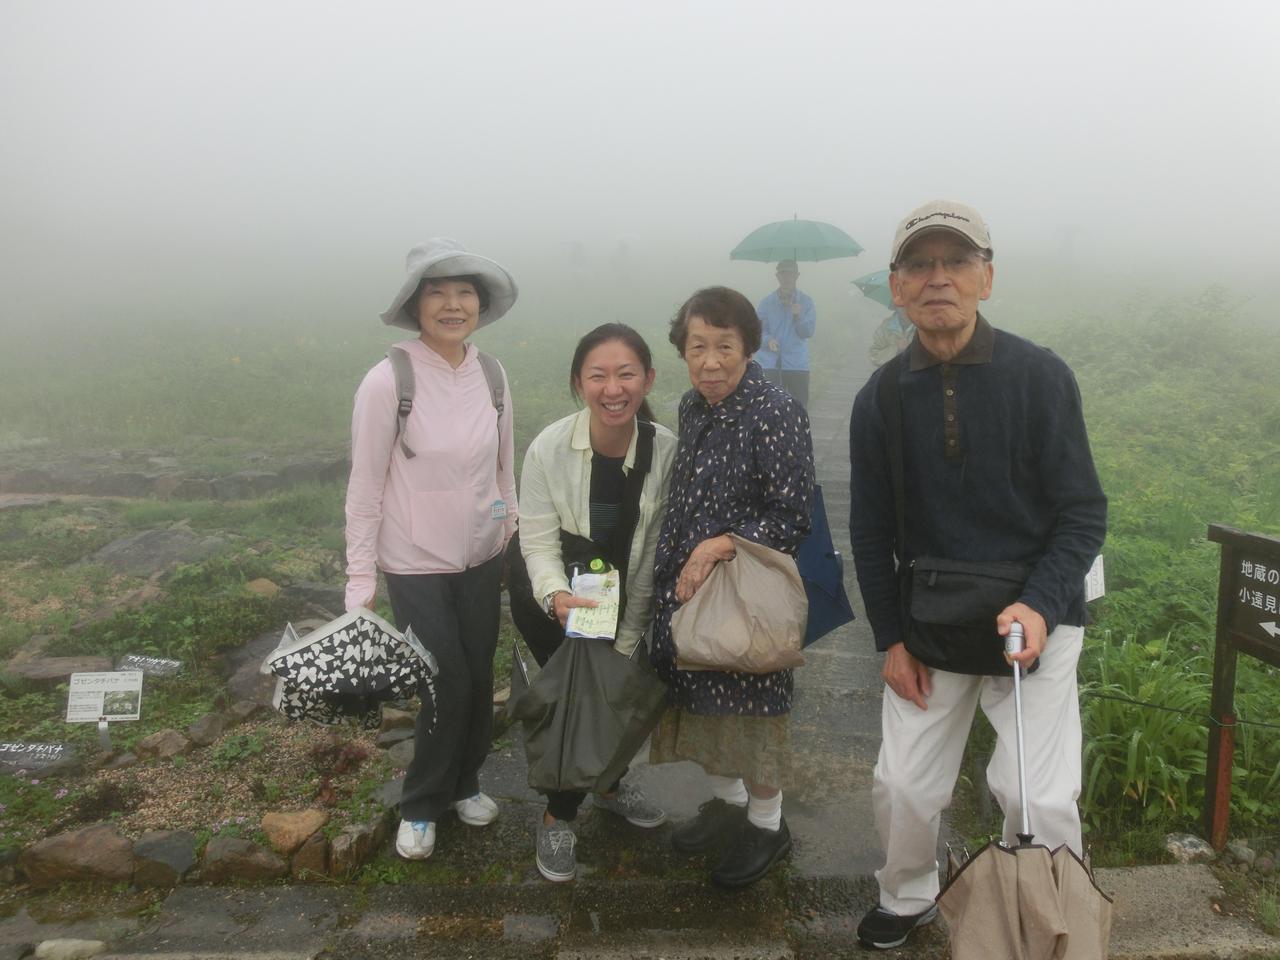 画像: K様ご夫婦(両端)&中央O様と一緒に撮影